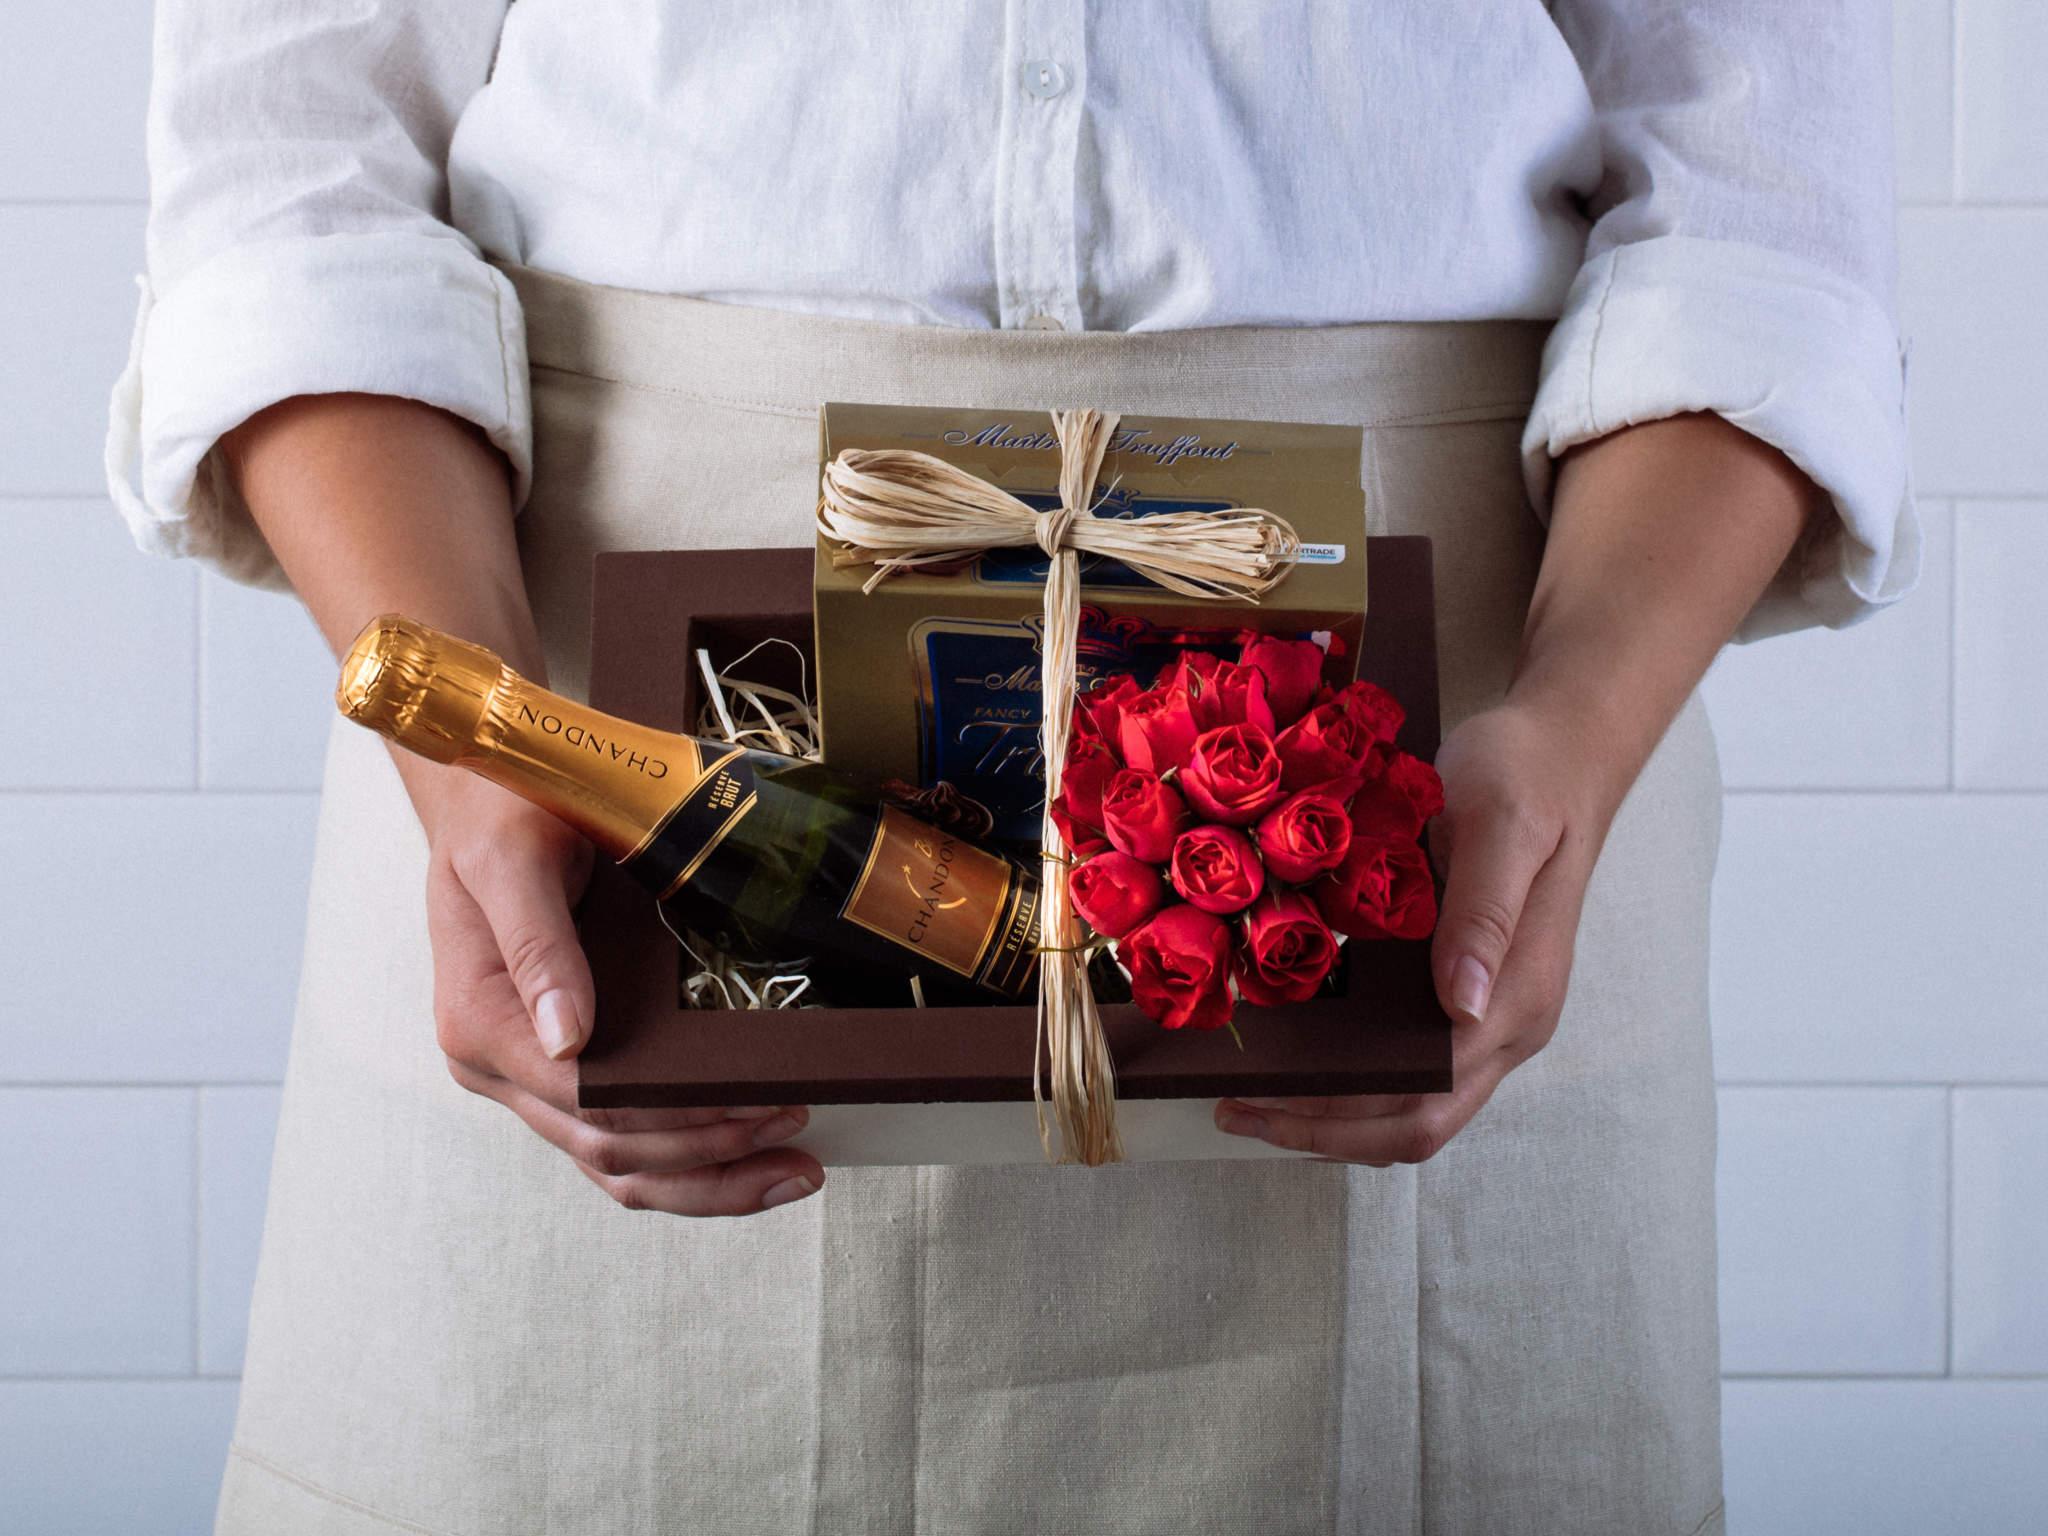 Cesta com Rosas, Espumante Chandon e Chocolate Jacquot